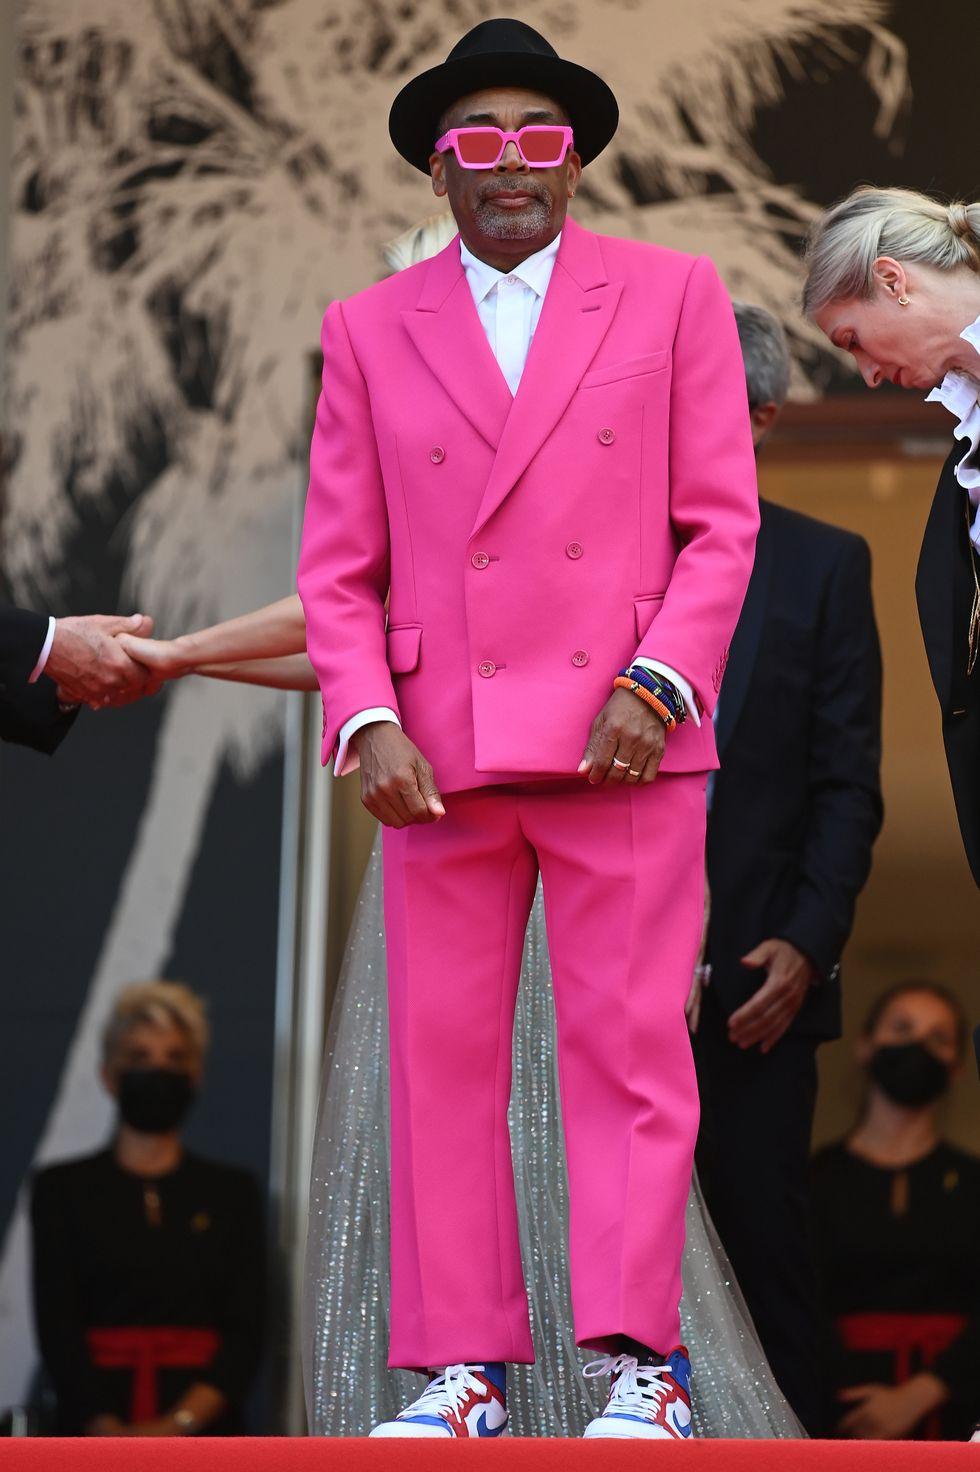 Đạo diễn Spike Lee, trưởng ban giám khảo Cannes năm nay, tiếp tục gây chú ý với phong cách lập dị đặc trưng của mình, khi khoác lên mình bộ vest hồng đến từ thương hiệu Louis Vuitton.